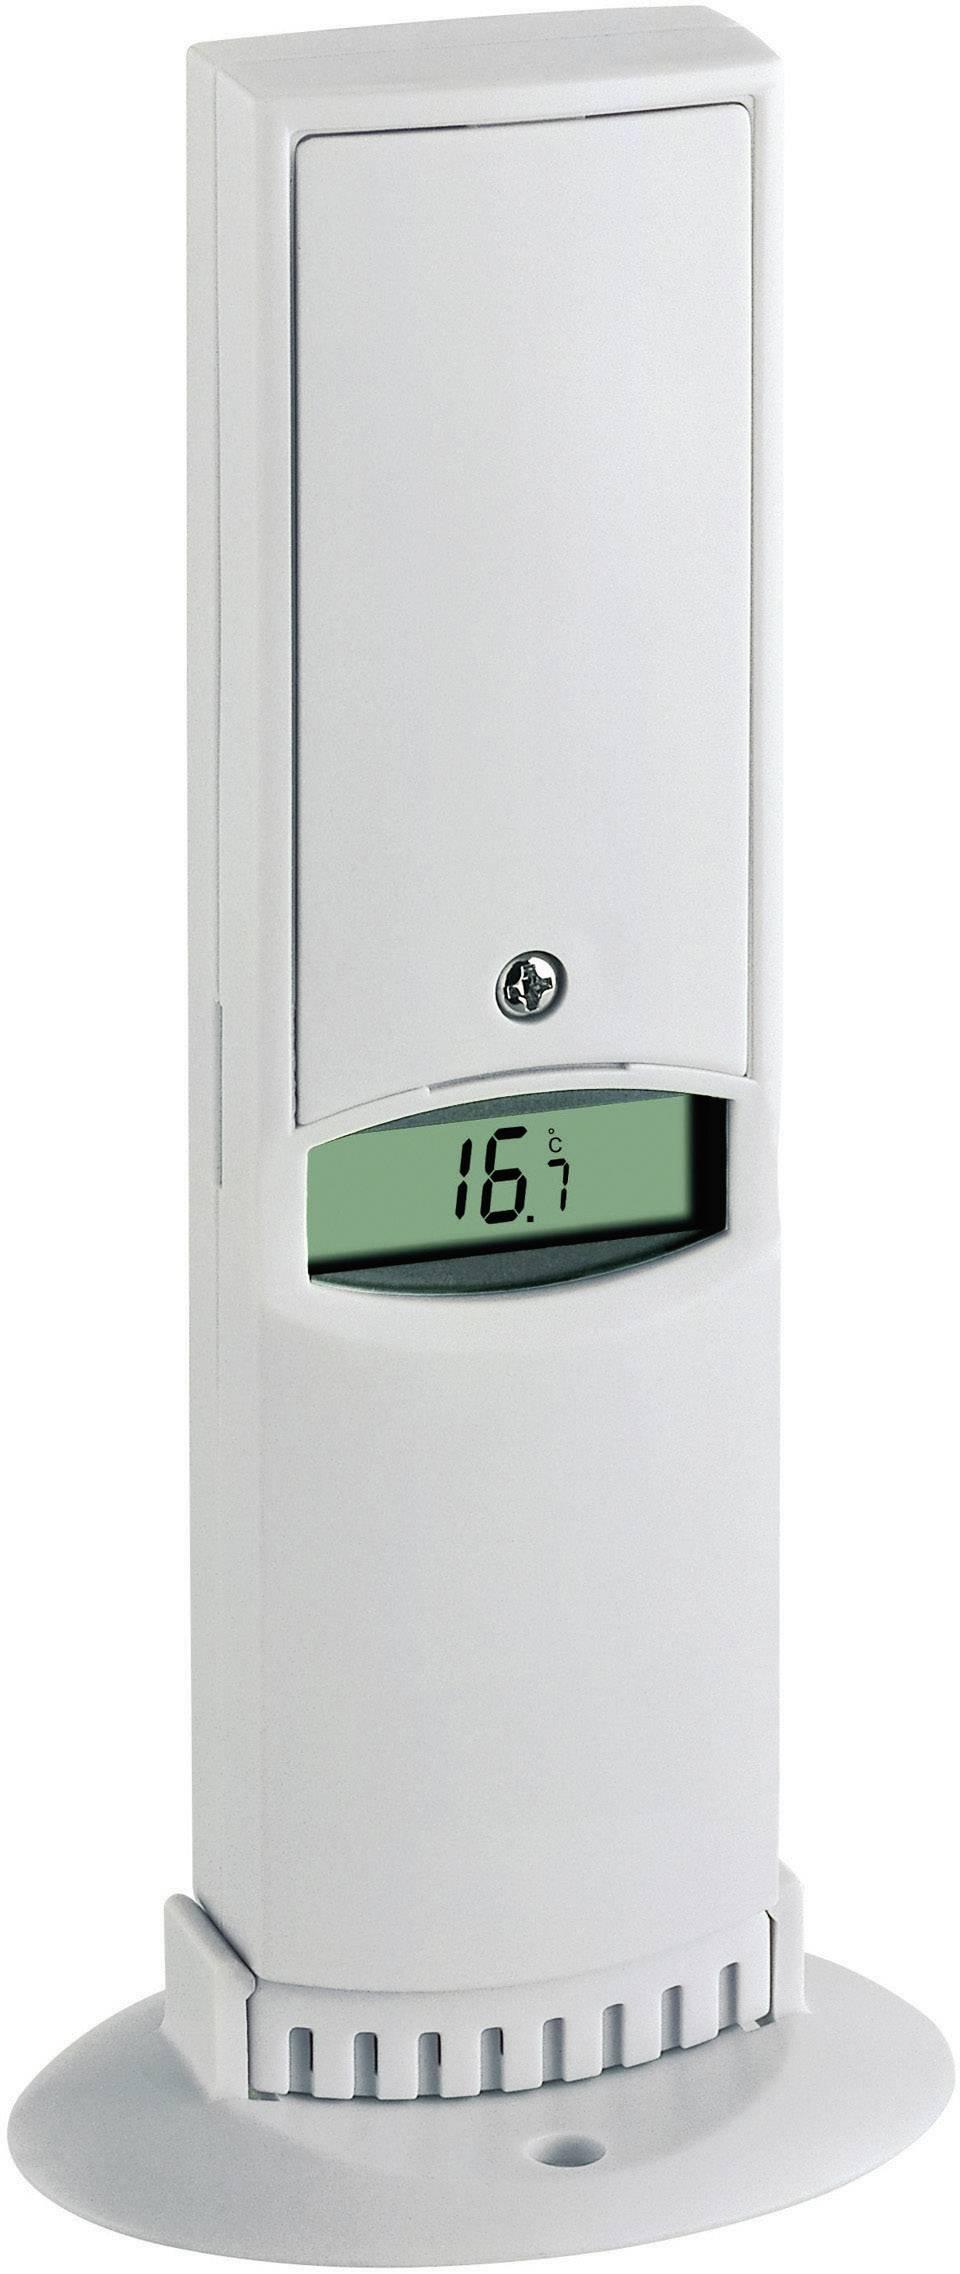 Bezdrátový senzor teploty TFA 30.3144 IT